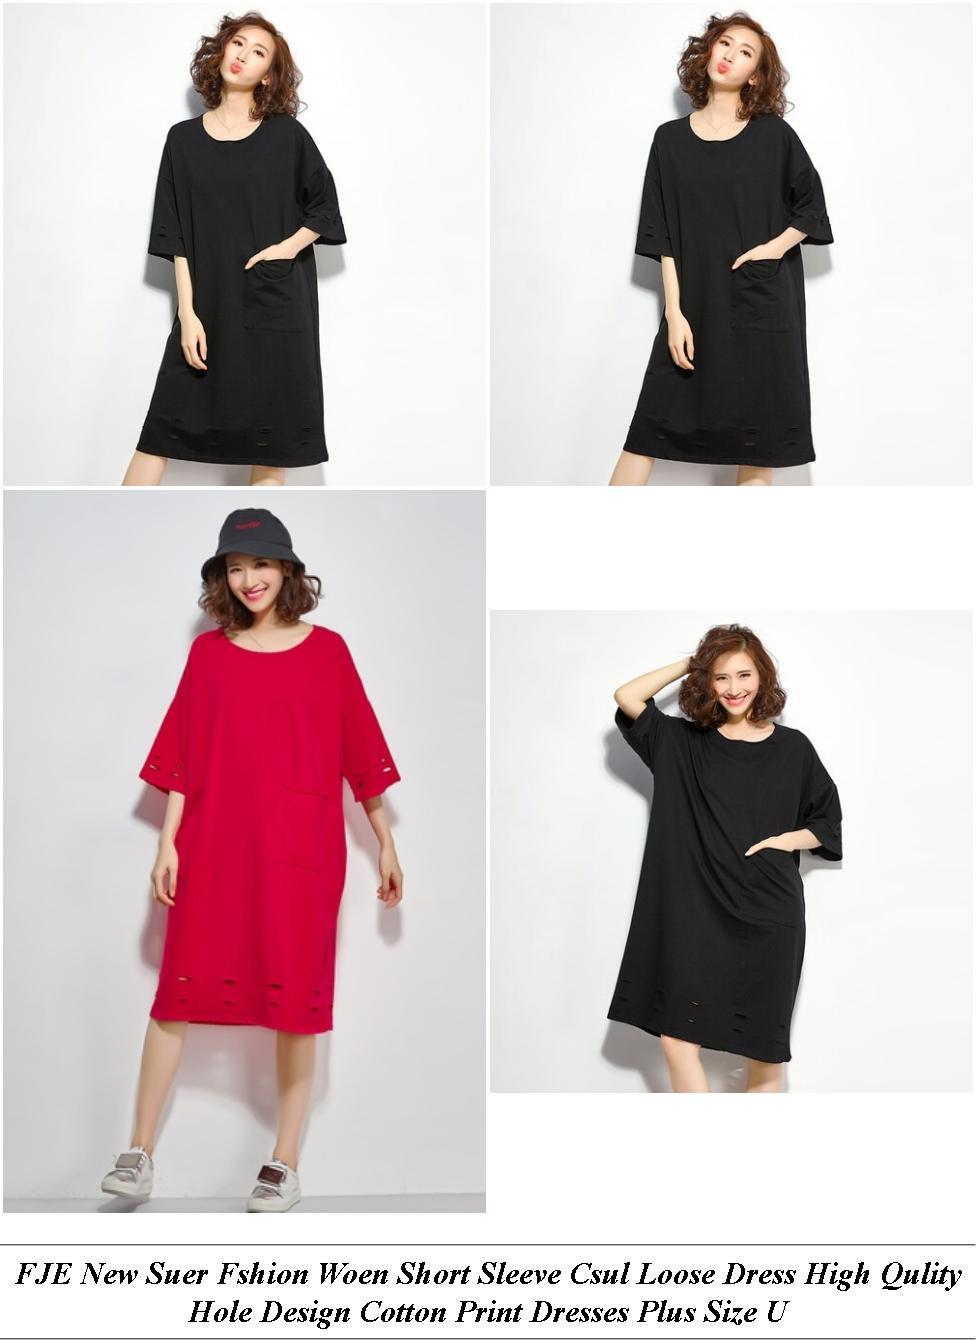 Womens Online Fashion Outique Uk - Sale On Prams - Lack Semi Formal Dresses Plus Size